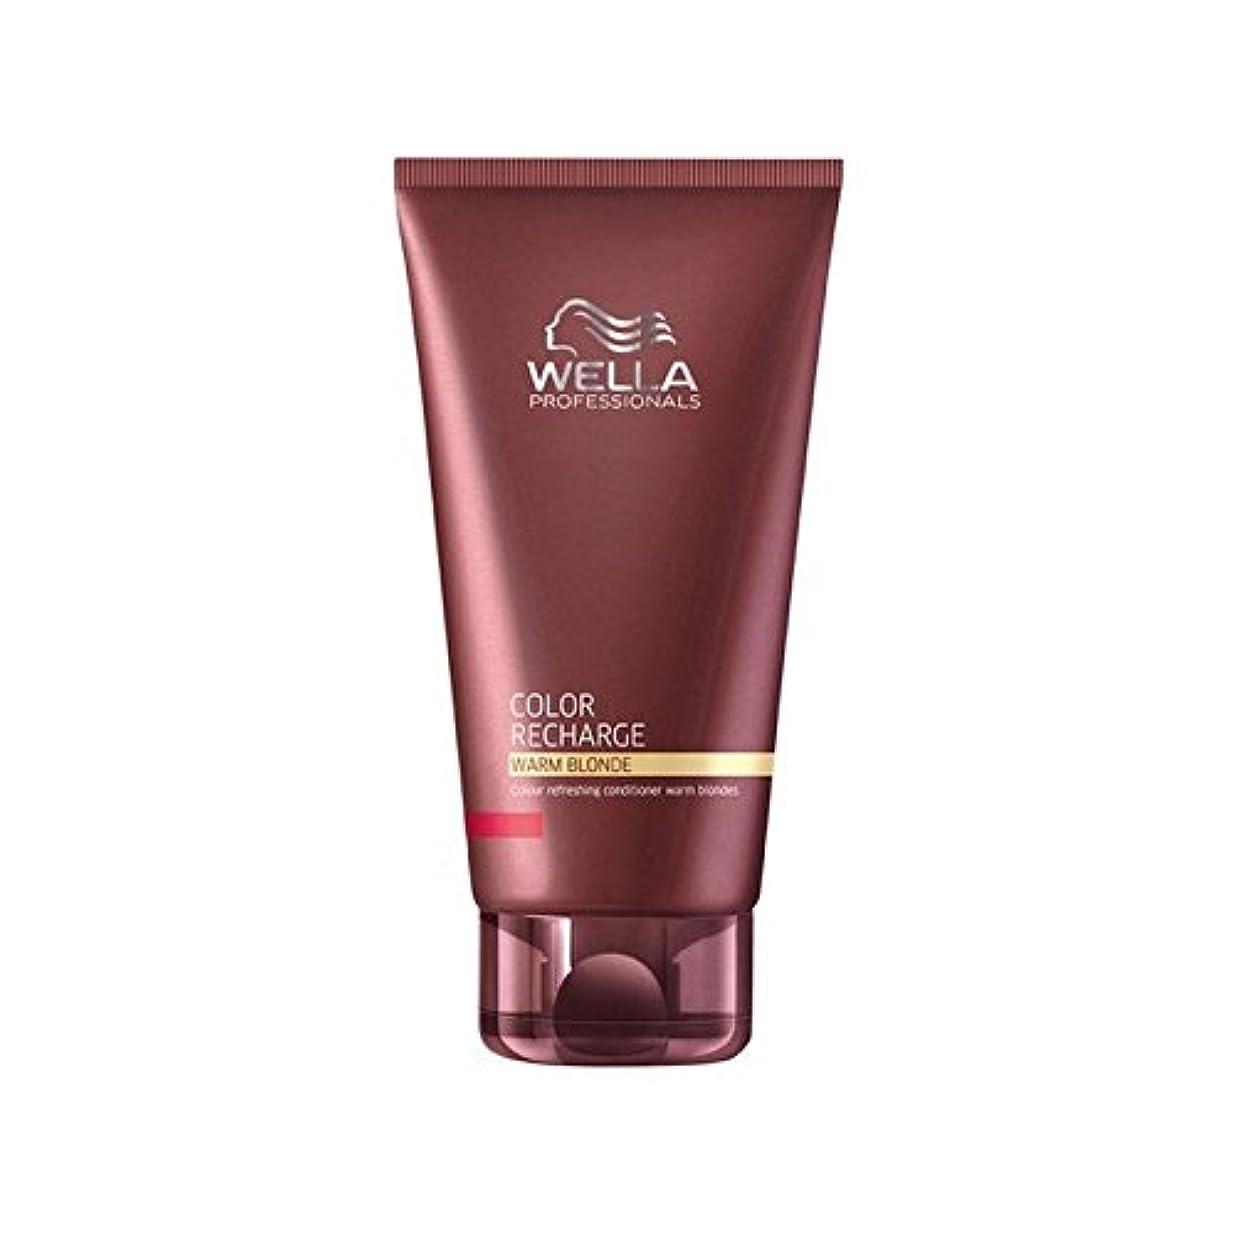 マガジン代数カストディアンウエラ専門家のカラー再充電コンディショナー暖かいブロンド(200ミリリットル) x2 - Wella Professionals Color Recharge Conditioner Warm Blonde (200ml) (Pack of 2) [並行輸入品]